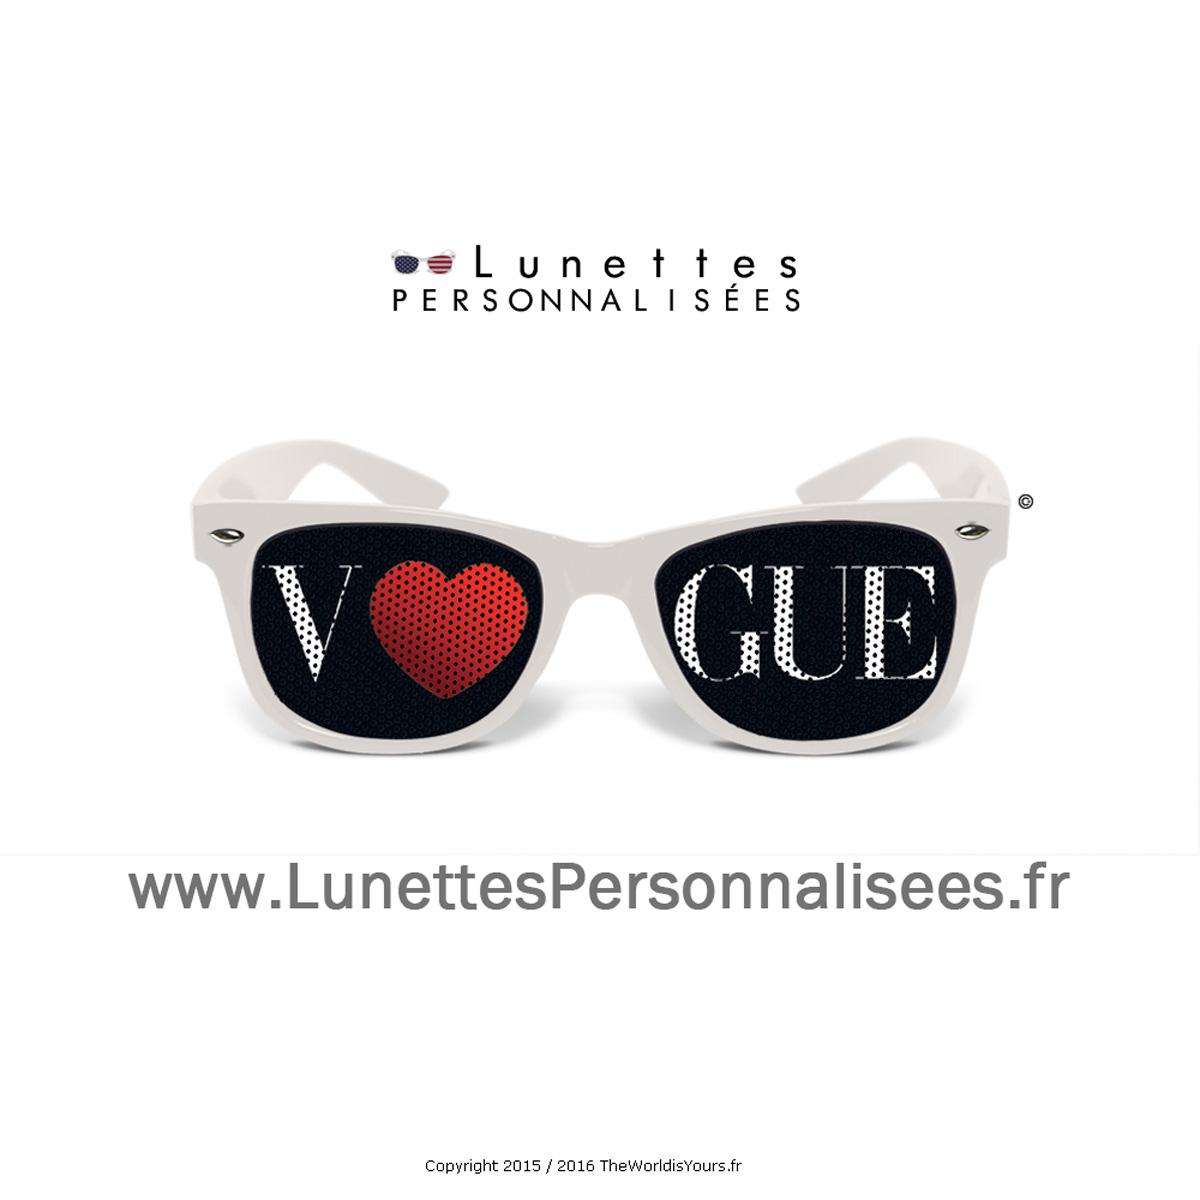 objet publicitaire lunettes c3aad448a297